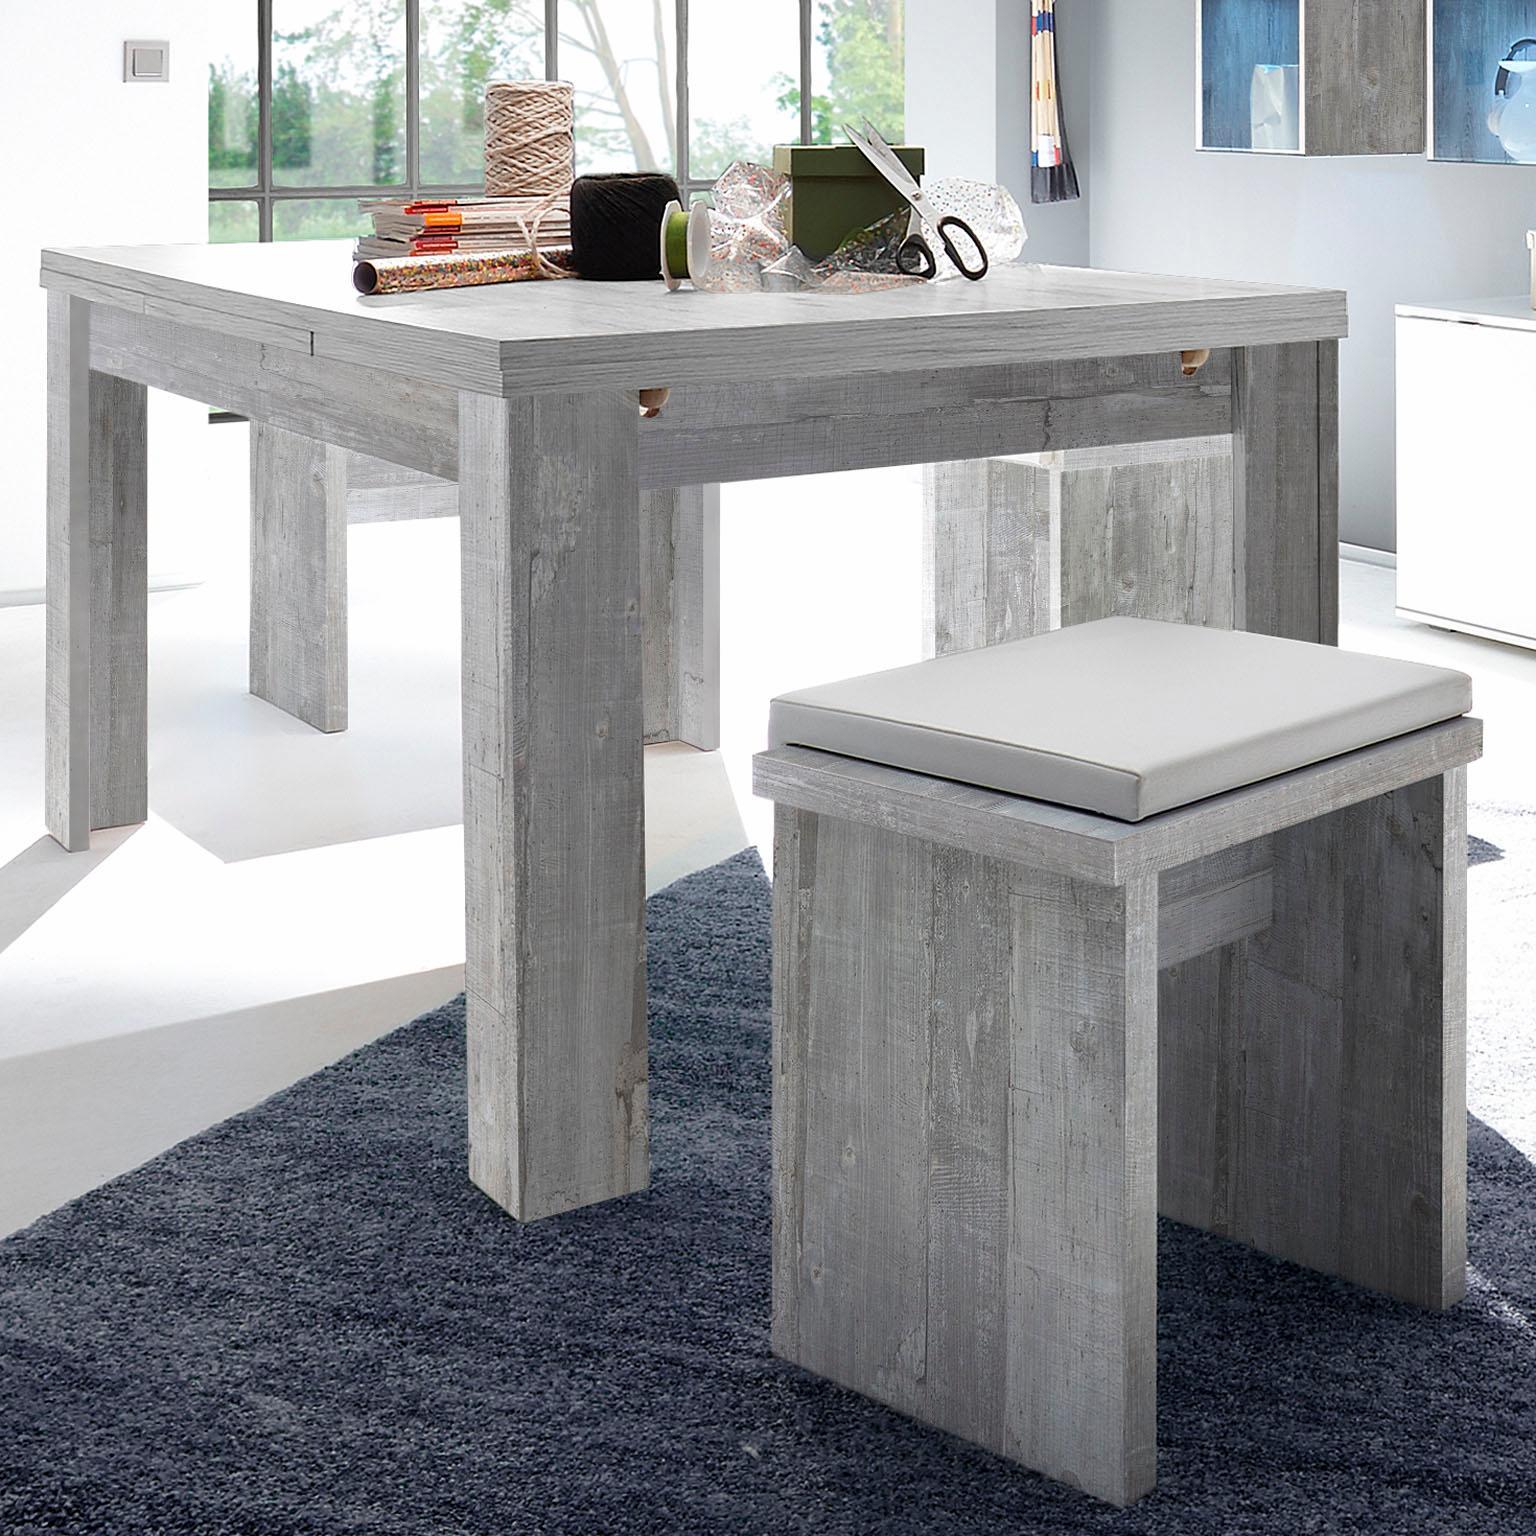 Esstisch, ausziehbar, Breite 180-280 cm grau Ausziehbare Esstische Tische Esstisch